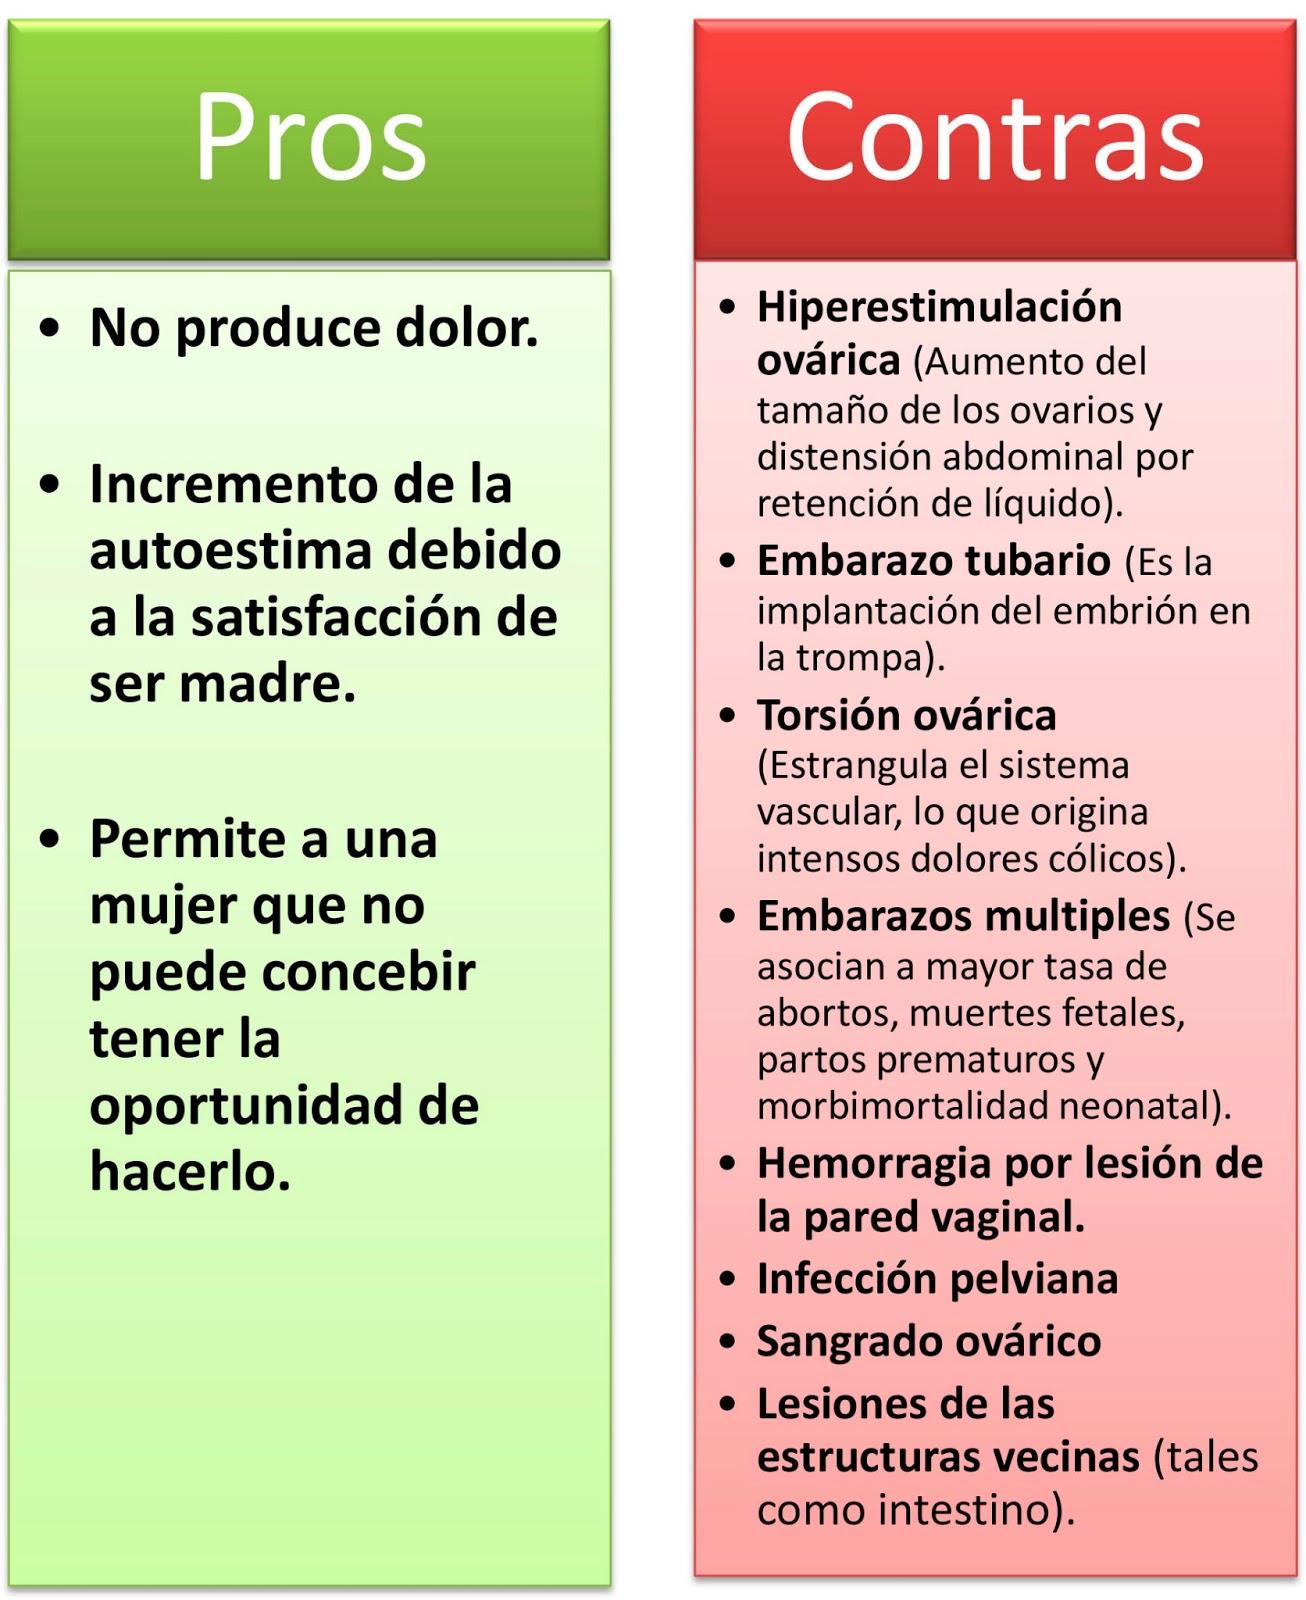 Ventajas y desventajas de la inseminacion artificial